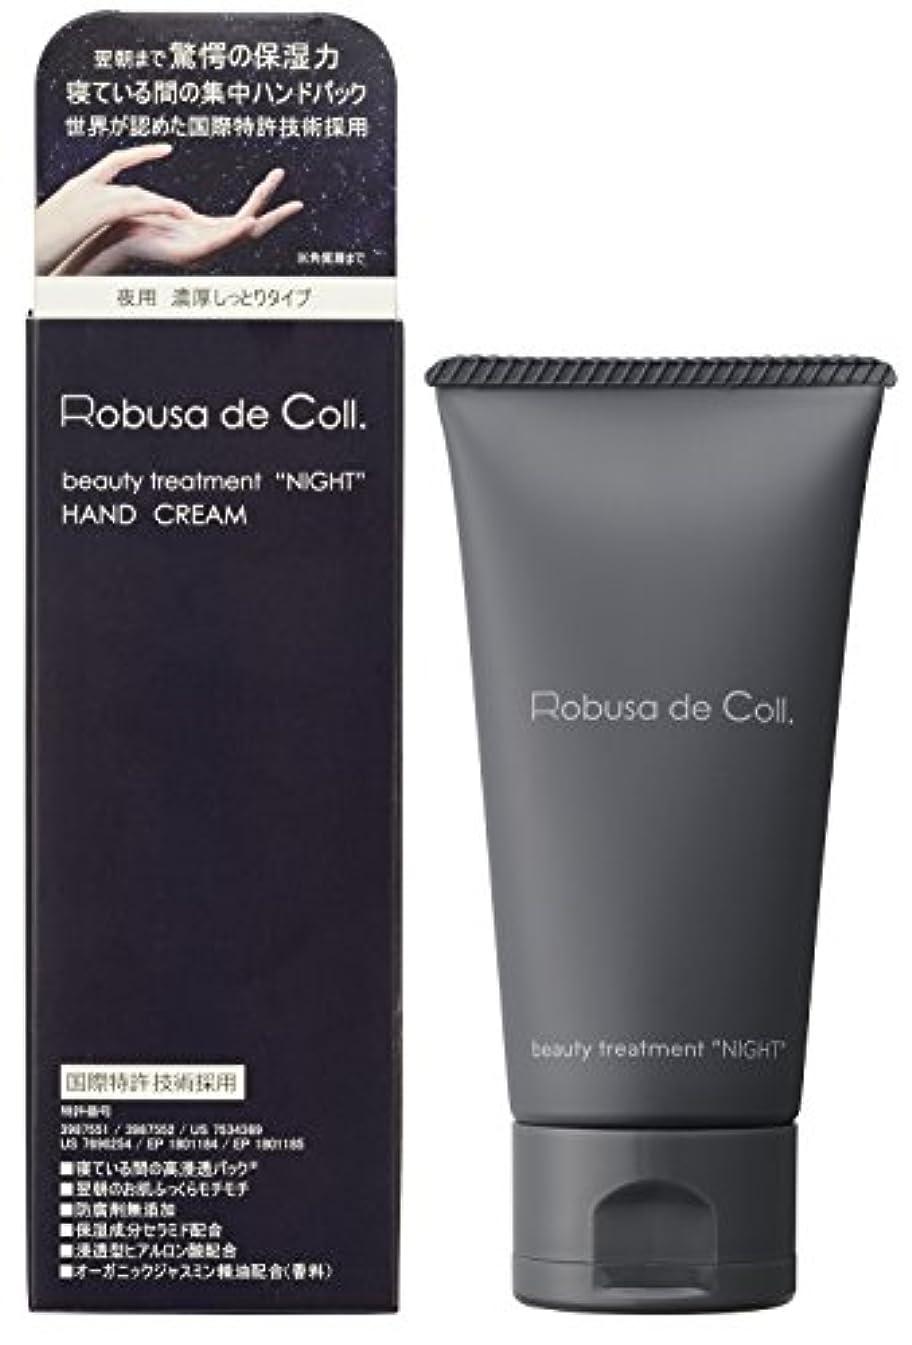 アセンブリ勤勉な社員Robusa de Coll. (ロブサデコル) ナイトリペアクリーム (ハンドクリーム) 60g (皮膚保護クリーム 乾燥 敏感肌用)